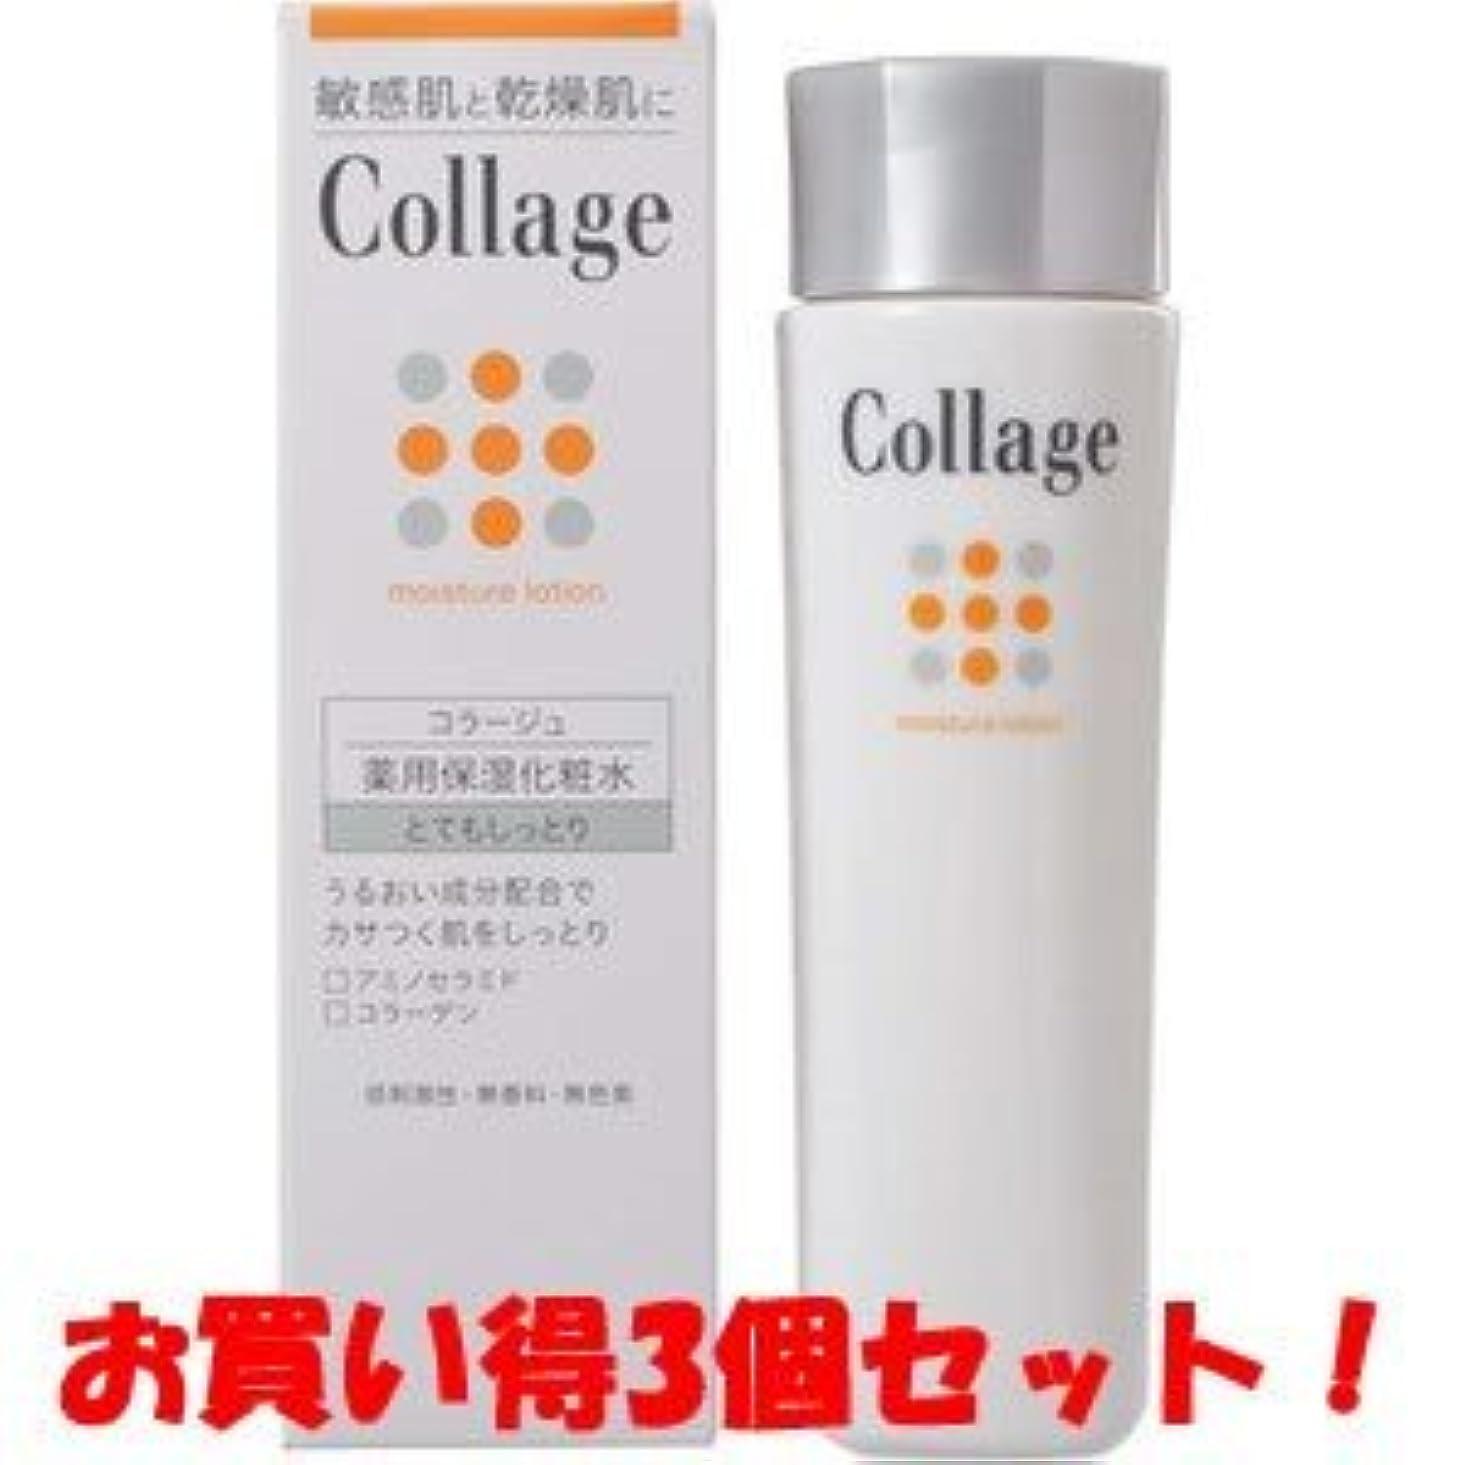 タワーメイド強います(持田ヘルスケア)コラージュ 薬用保湿化粧水 とてもしっとり 120ml(医薬部外品)(お買い得3個セット)